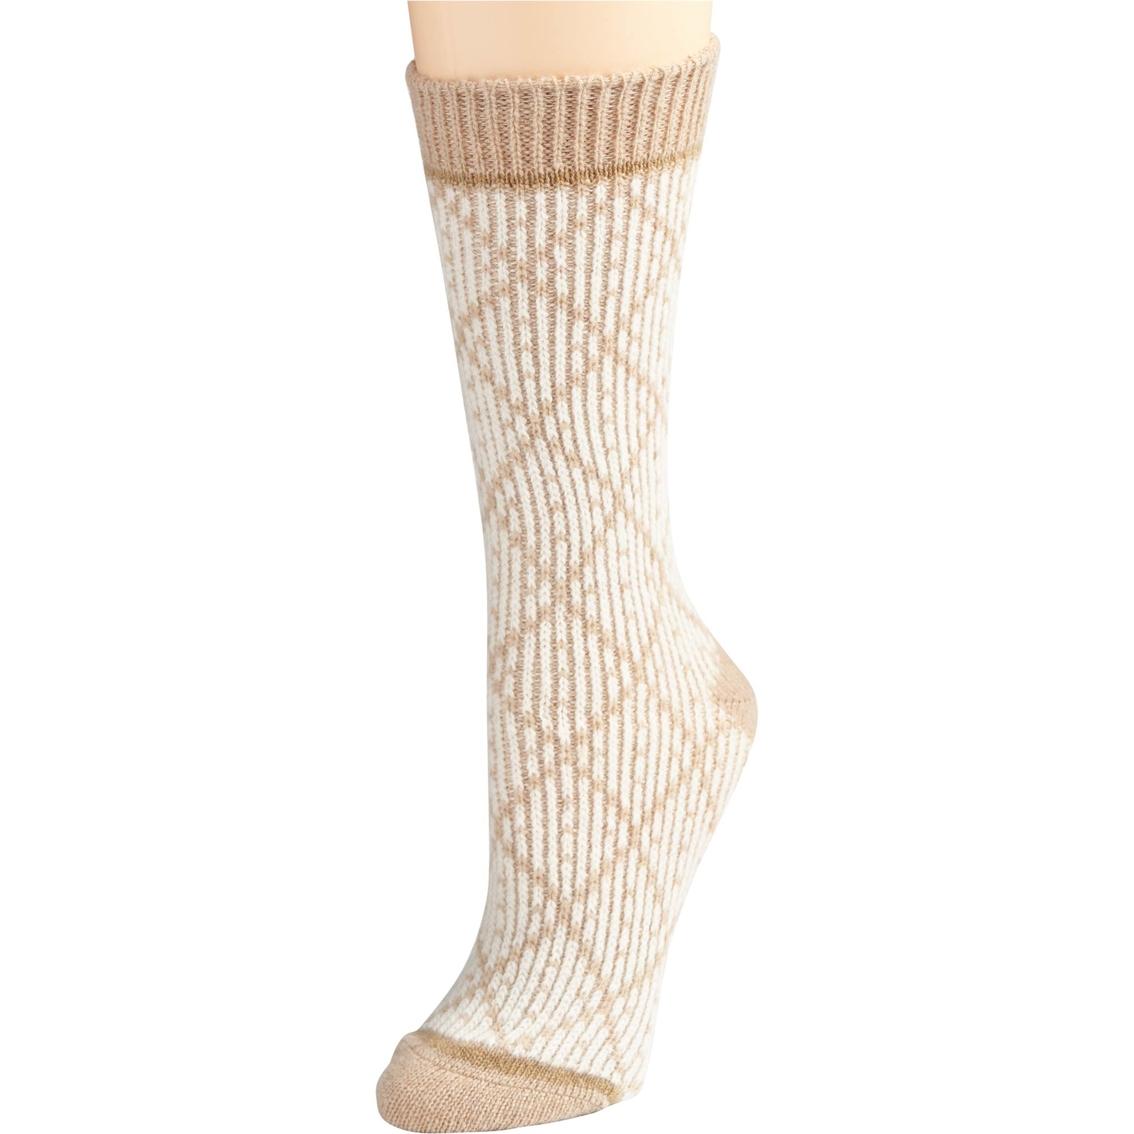 Sorel Diamond Pattern Wool Blend Crew Socks | Hosiery & Socks ...